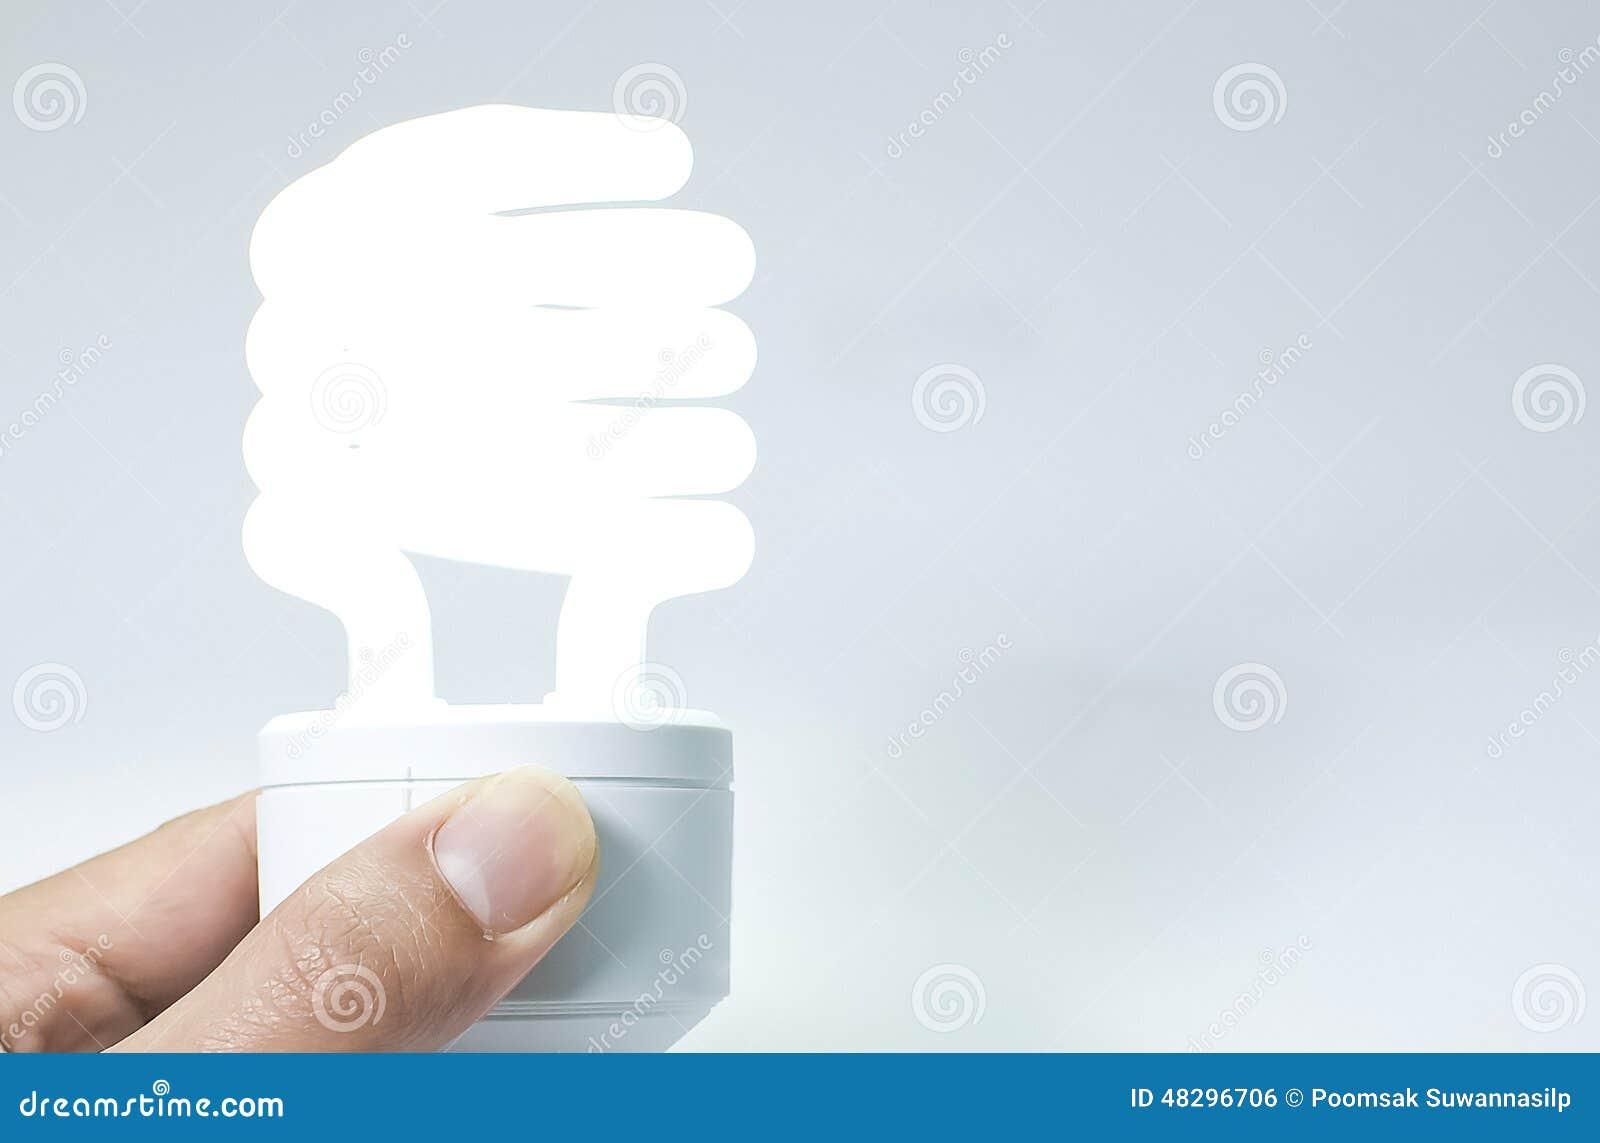 Energy Saving Light Bulbs Stock Photo Image 48296706